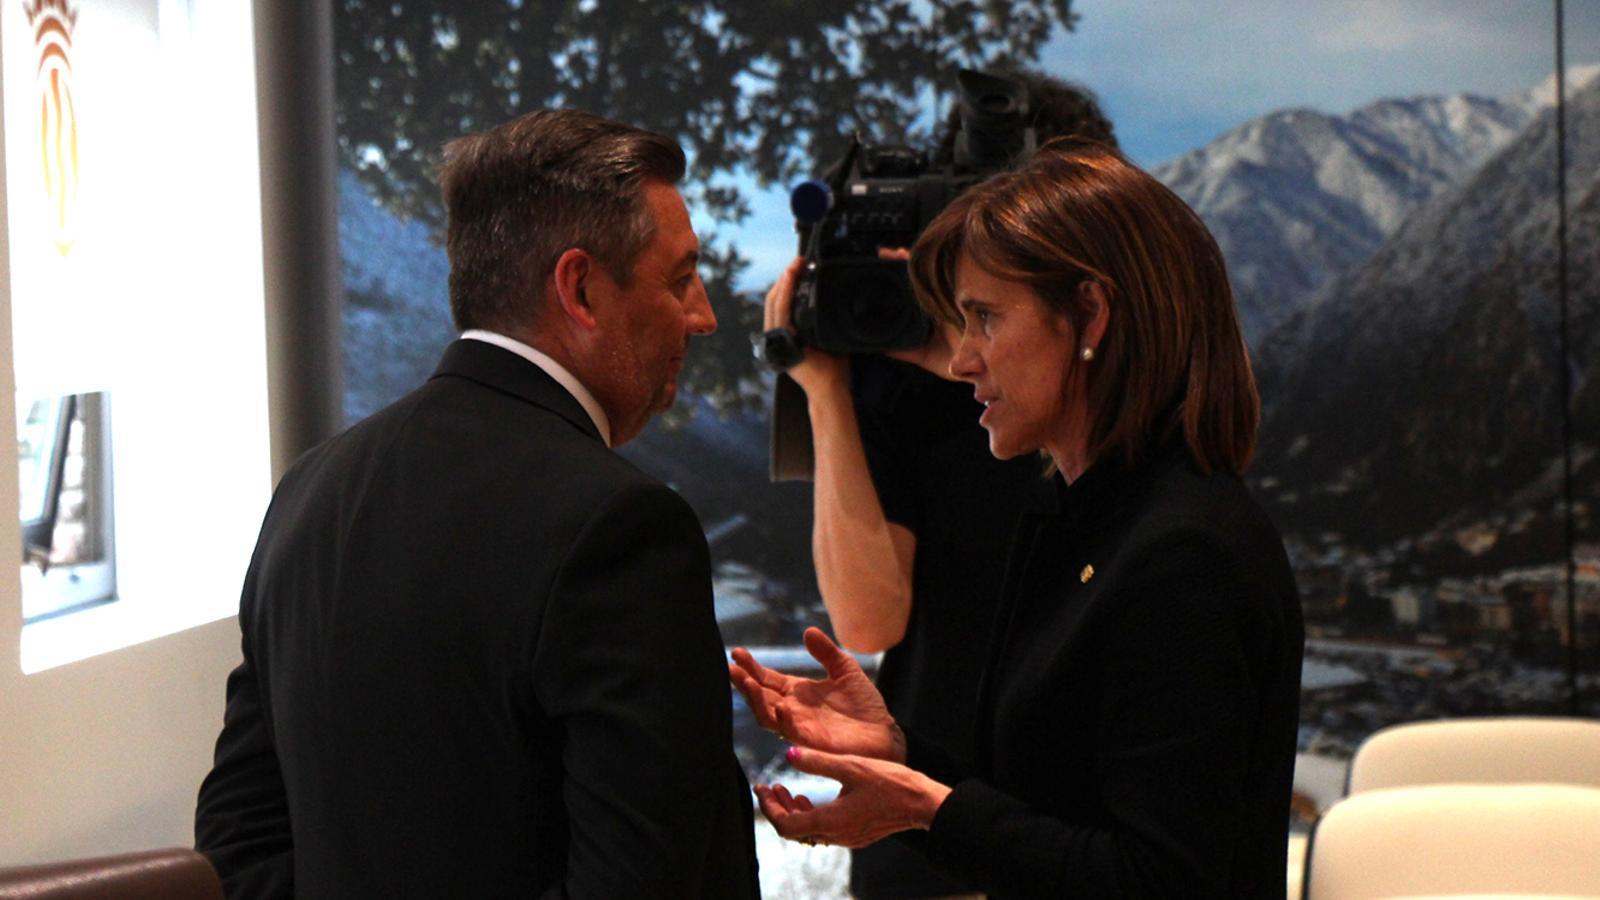 El nou conseller de Social del comú d'Andorra la Vella, Carles Areny, amb la seva predecessora, Ester Vilarrubla. / M. F. (ANA)